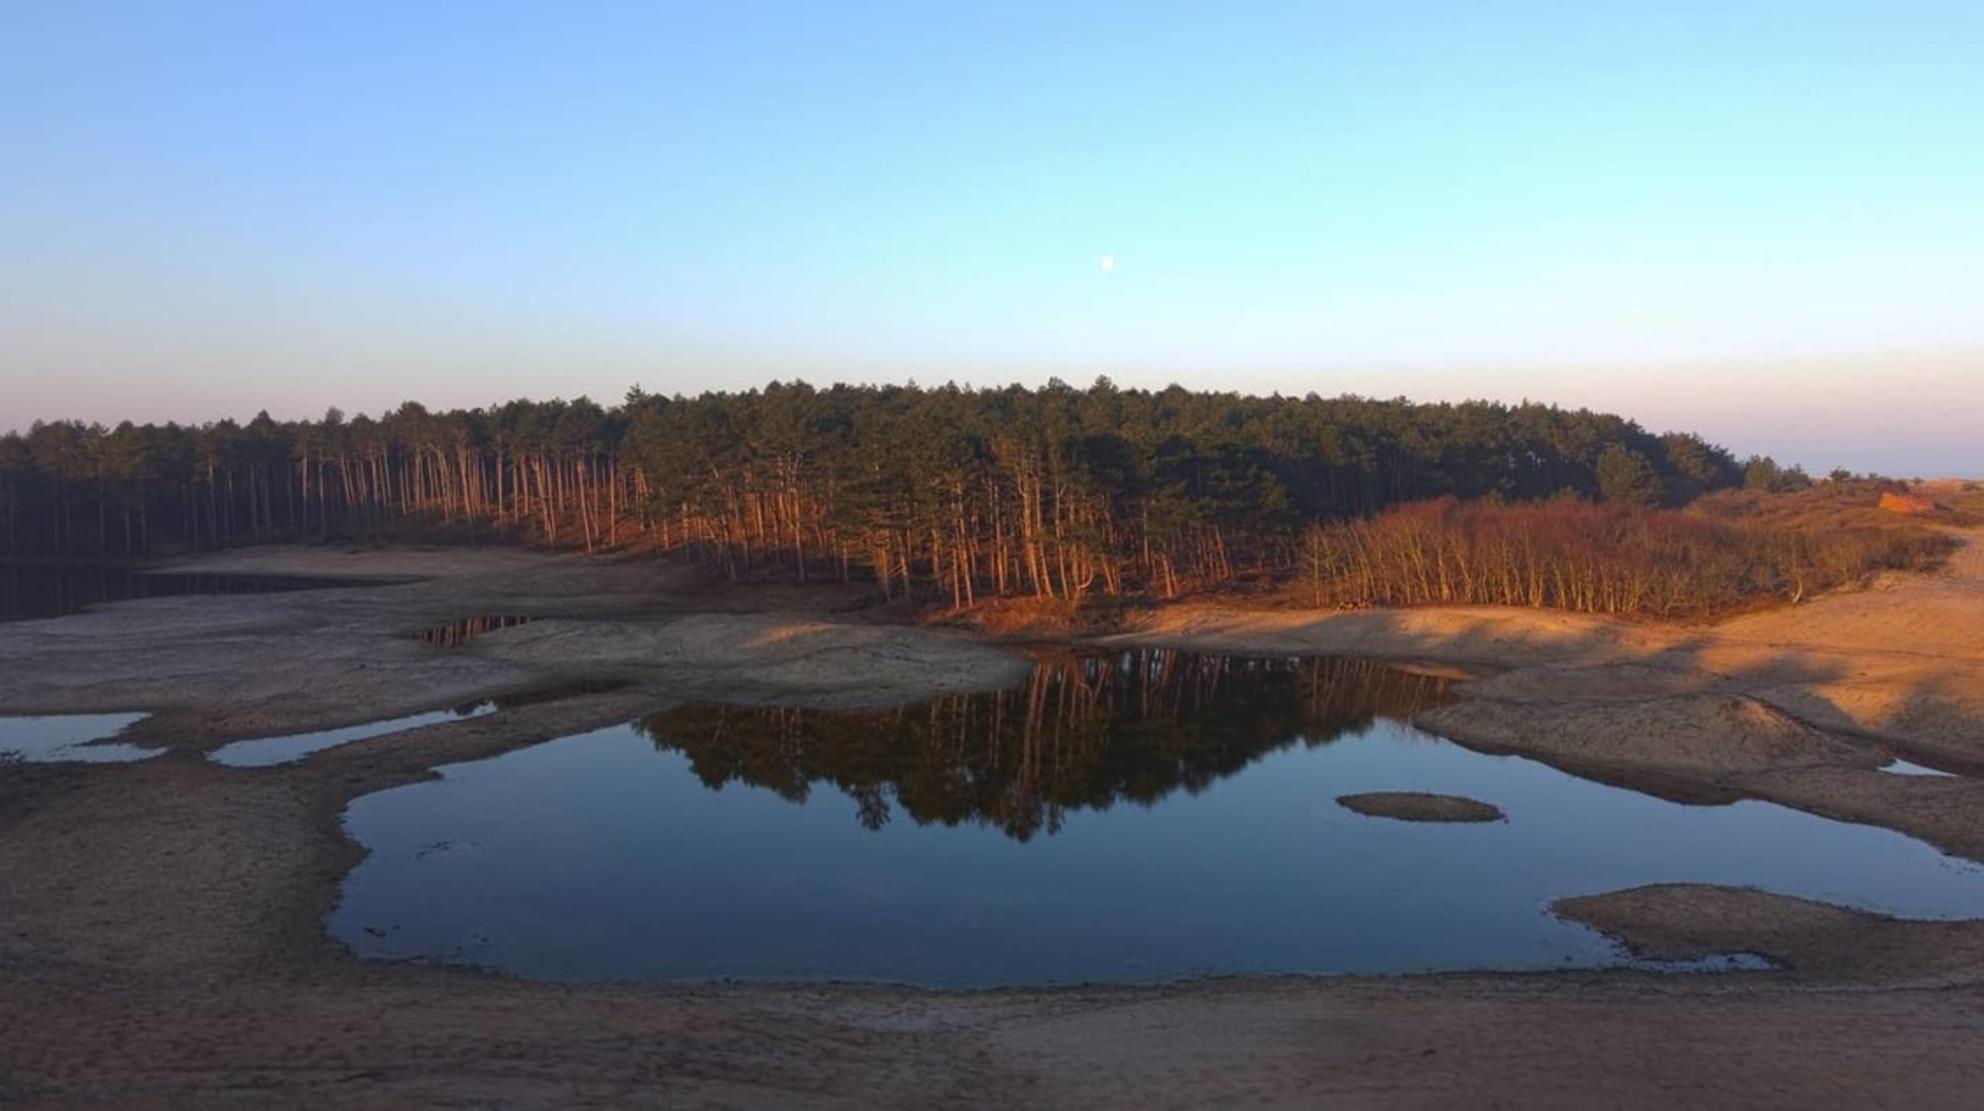 Zonsopgang in het bos - Deze foto heb ik genomen tijdens de zonsopgang in een natuurgebied. Het was een klein beetje nevelig wat zorgde voor een hele mooie zonsopgang. - foto door MatthijsGeuze op 02-03-2021 - deze foto bevat: lucht, water, natuur, spiegeling, landschap, mist, duinen, bos, zonsopkomst, bomen, zand, meer, maan, kust - Deze foto mag gebruikt worden in een Zoom.nl publicatie